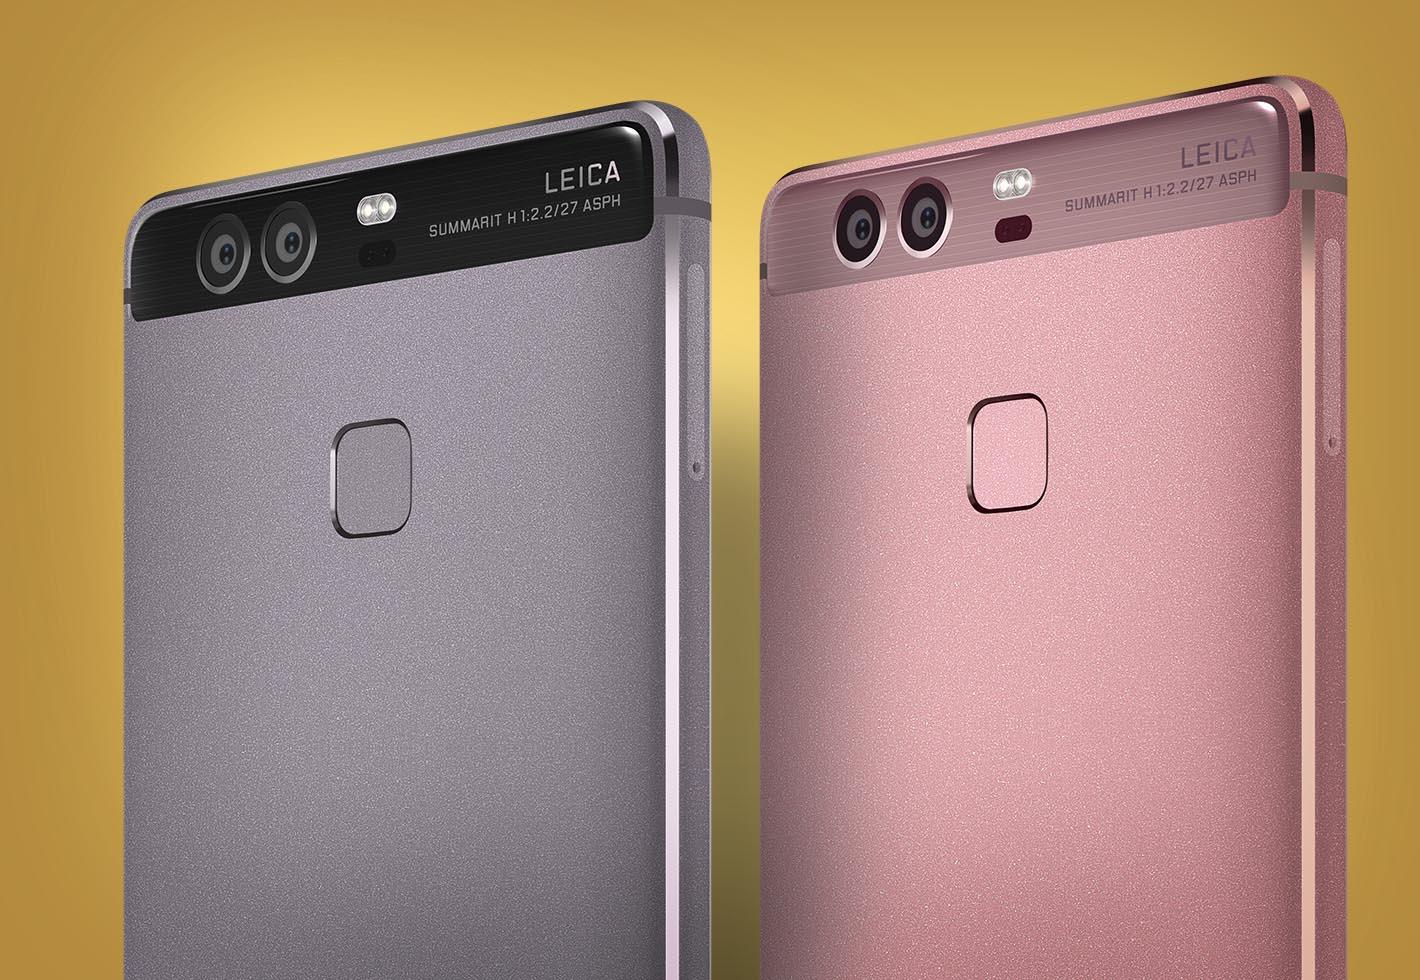 Huawei P9 gris y rosa